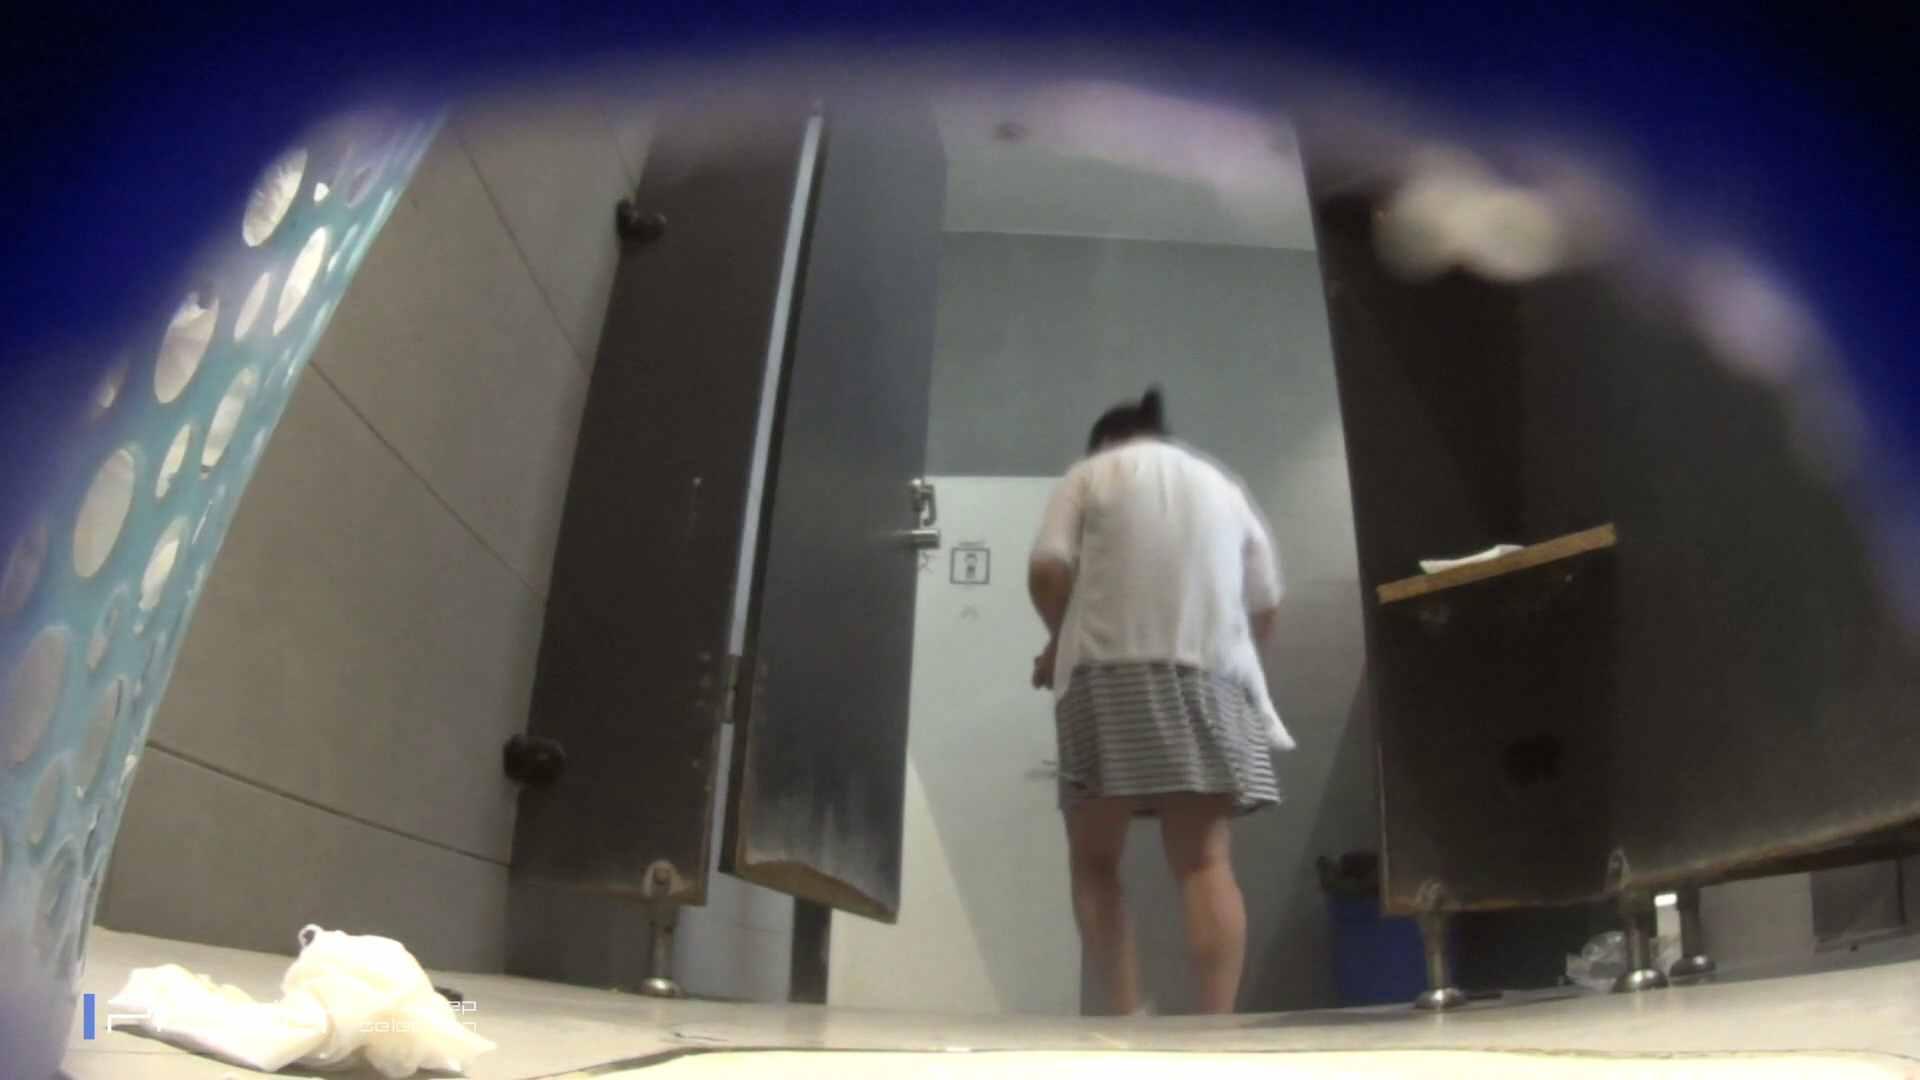 ポッチャリ好きは必見!大学休憩時間の洗面所事情66 美女達のヌード   お姉さん達のヌード  52連発 39